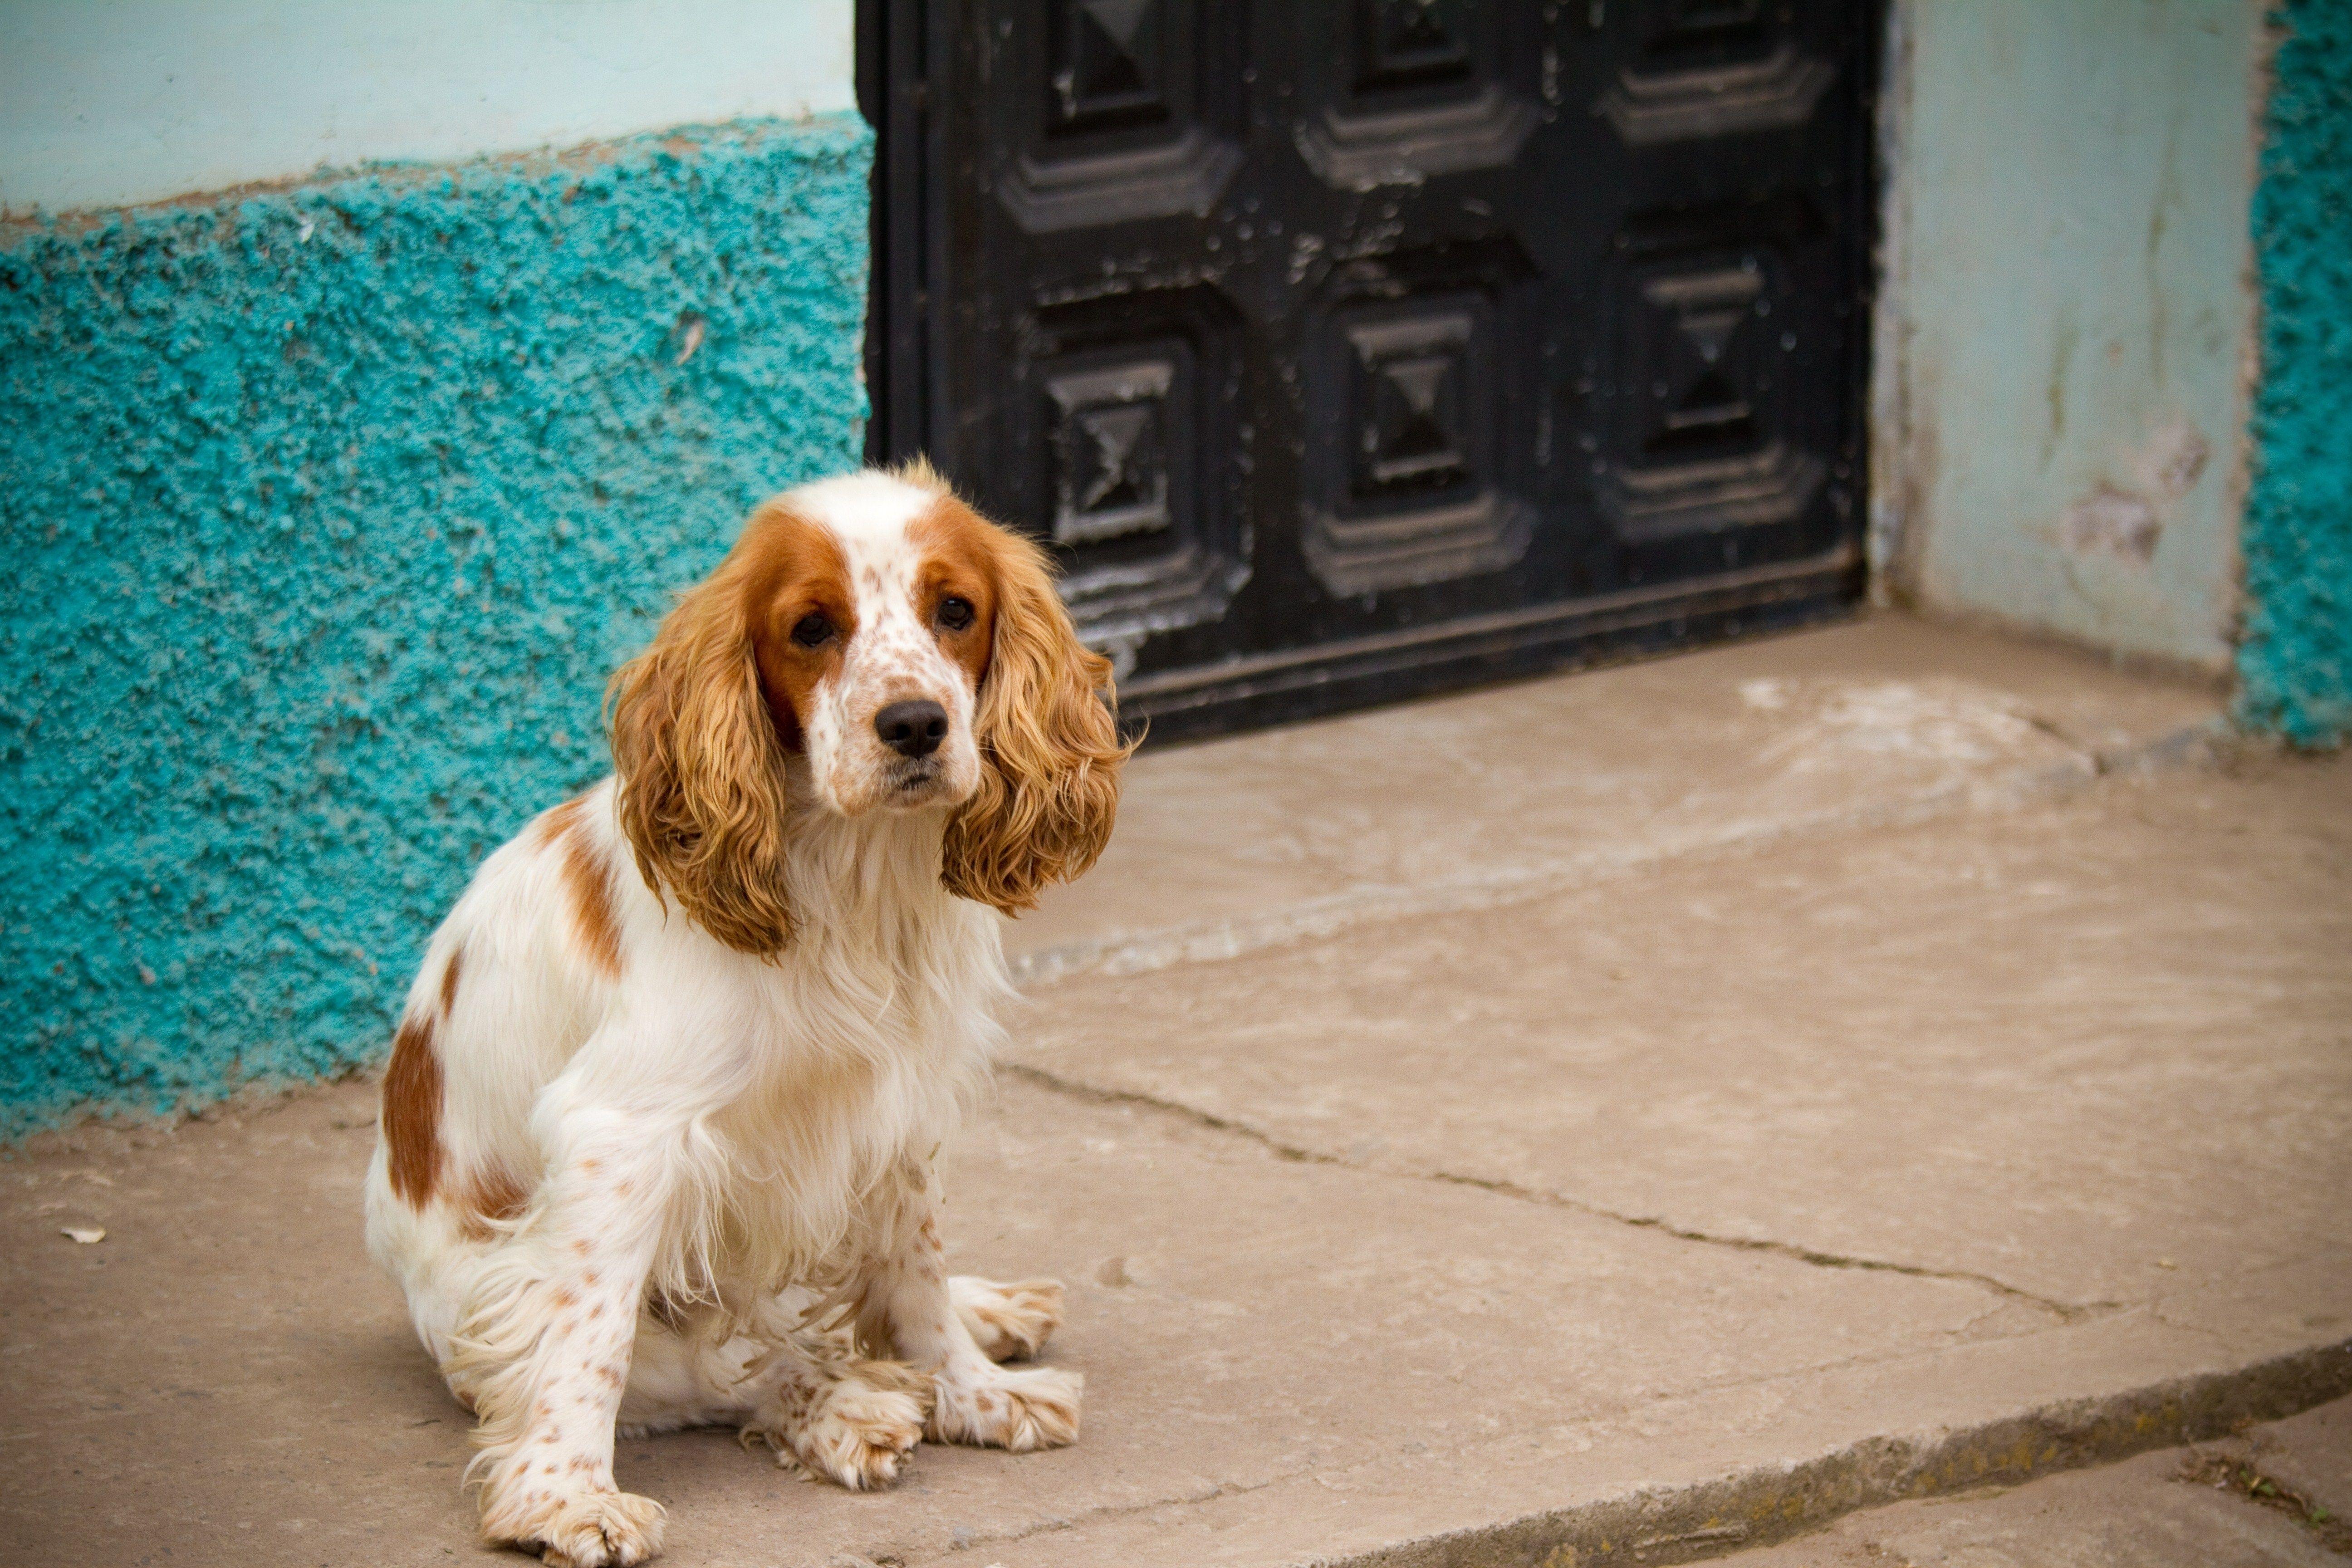 A dog sitting by a doorway on a street in Ecuador.